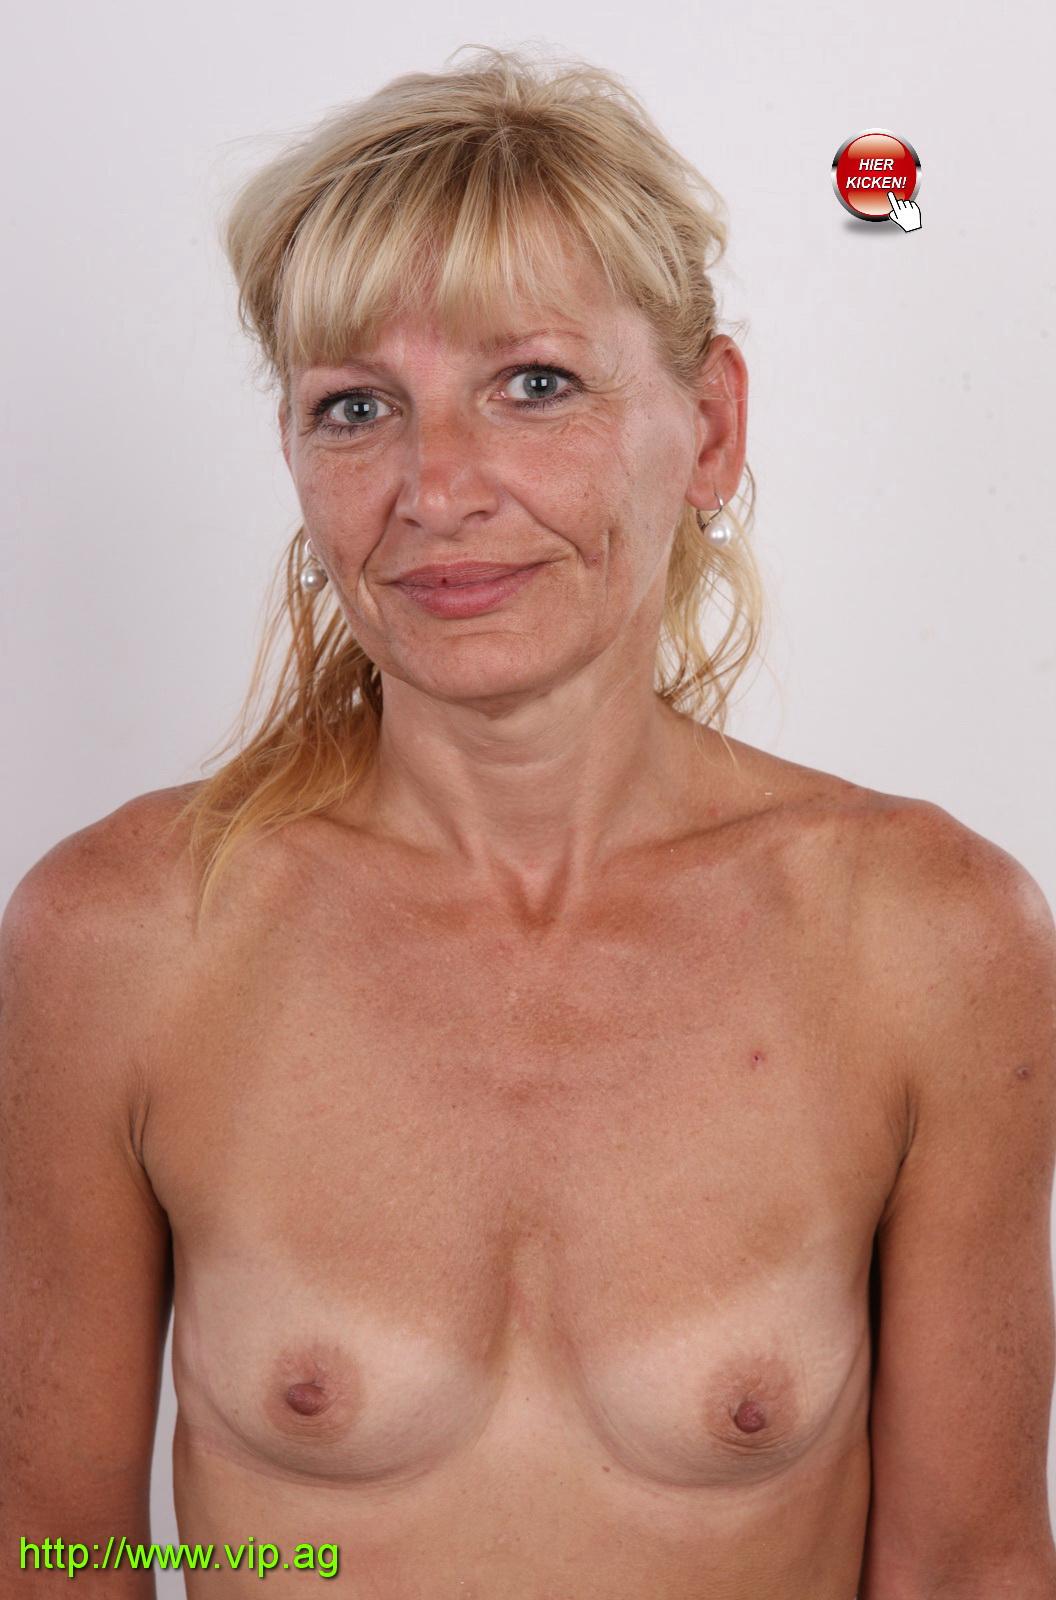 Erika nackt sofort